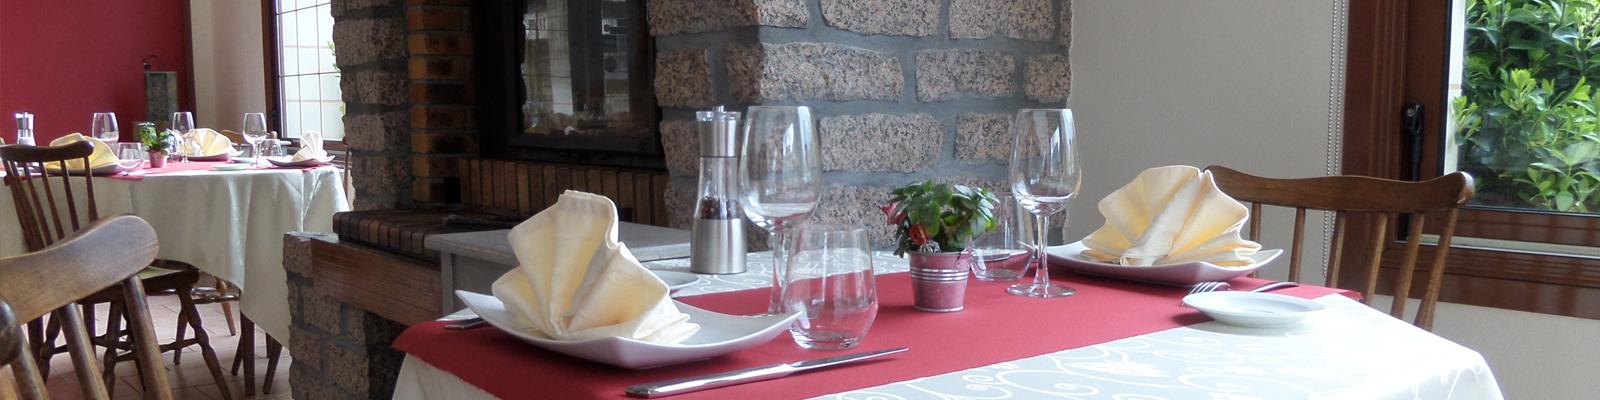 riva_restaurant_cheminee